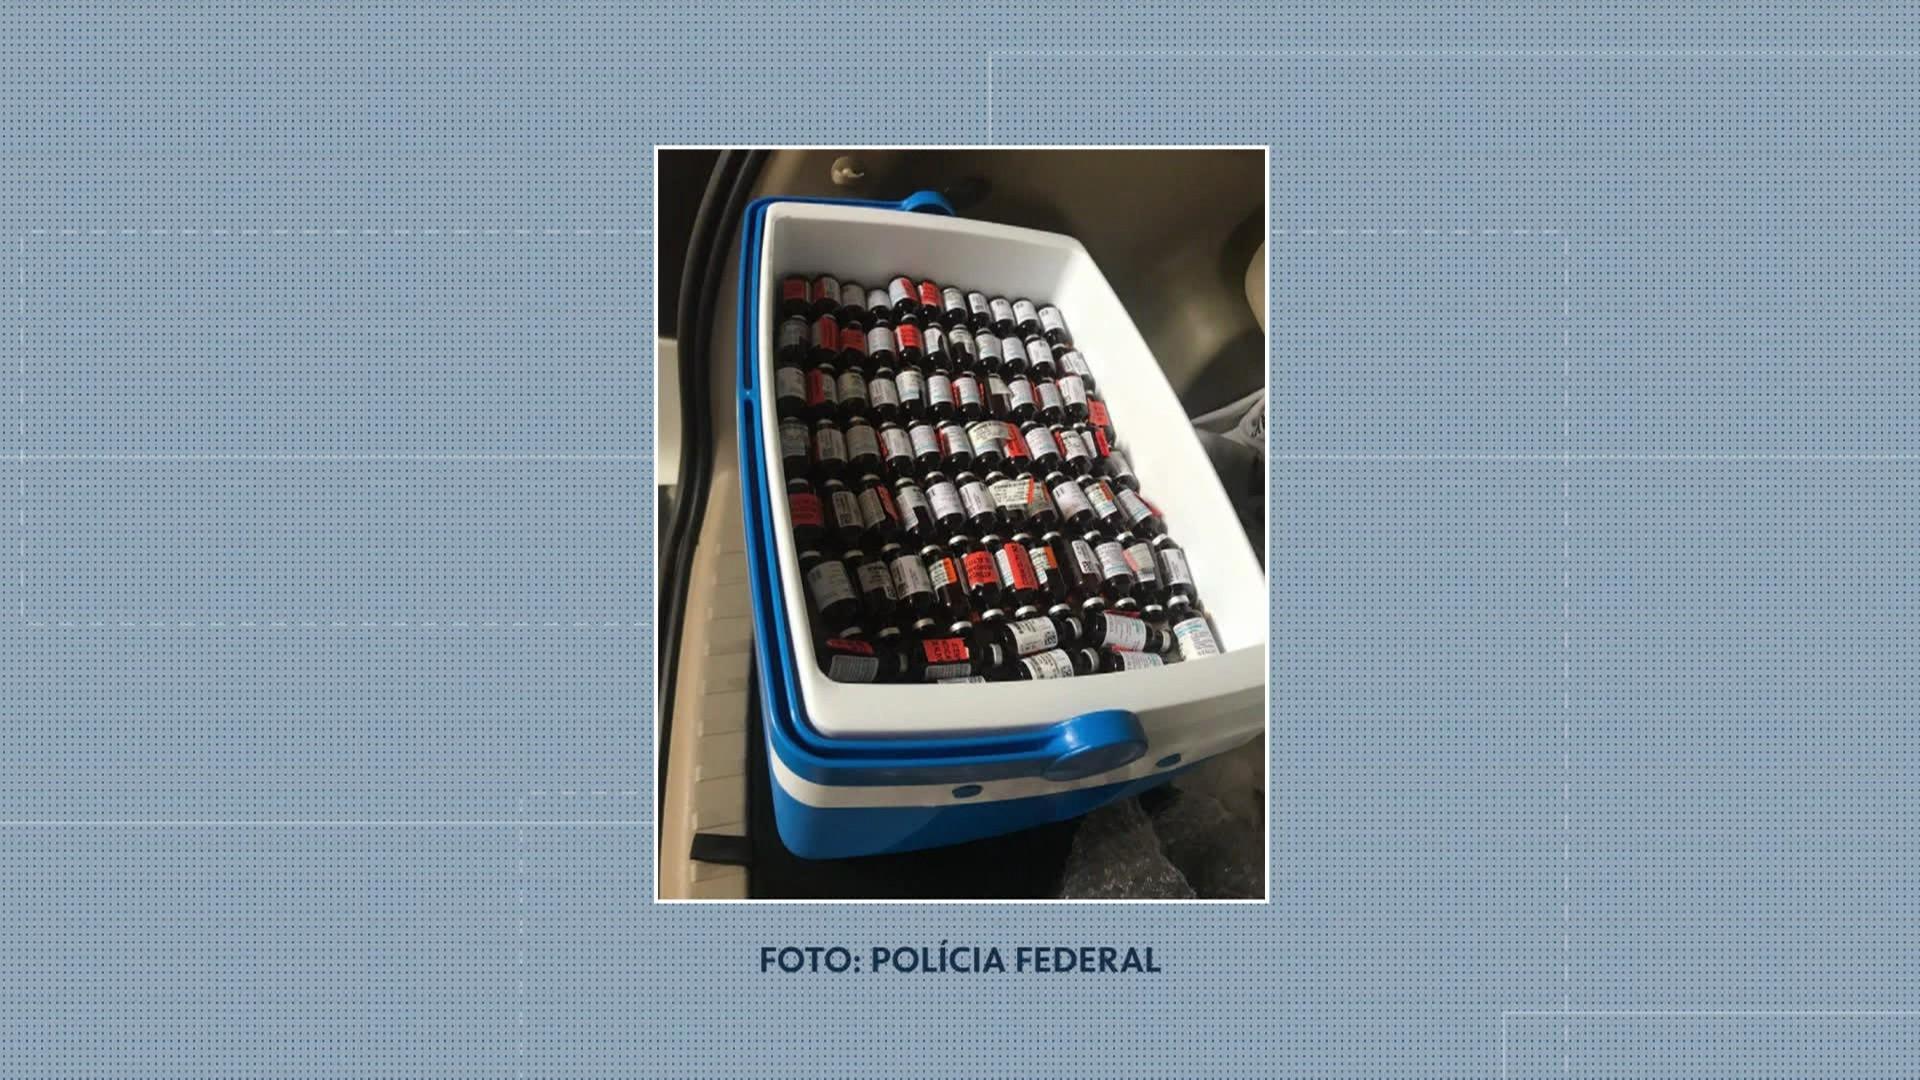 Investigação da PF aponta desvio de medicamentos da Santa Casa de SP - Notícias - Plantão Diário